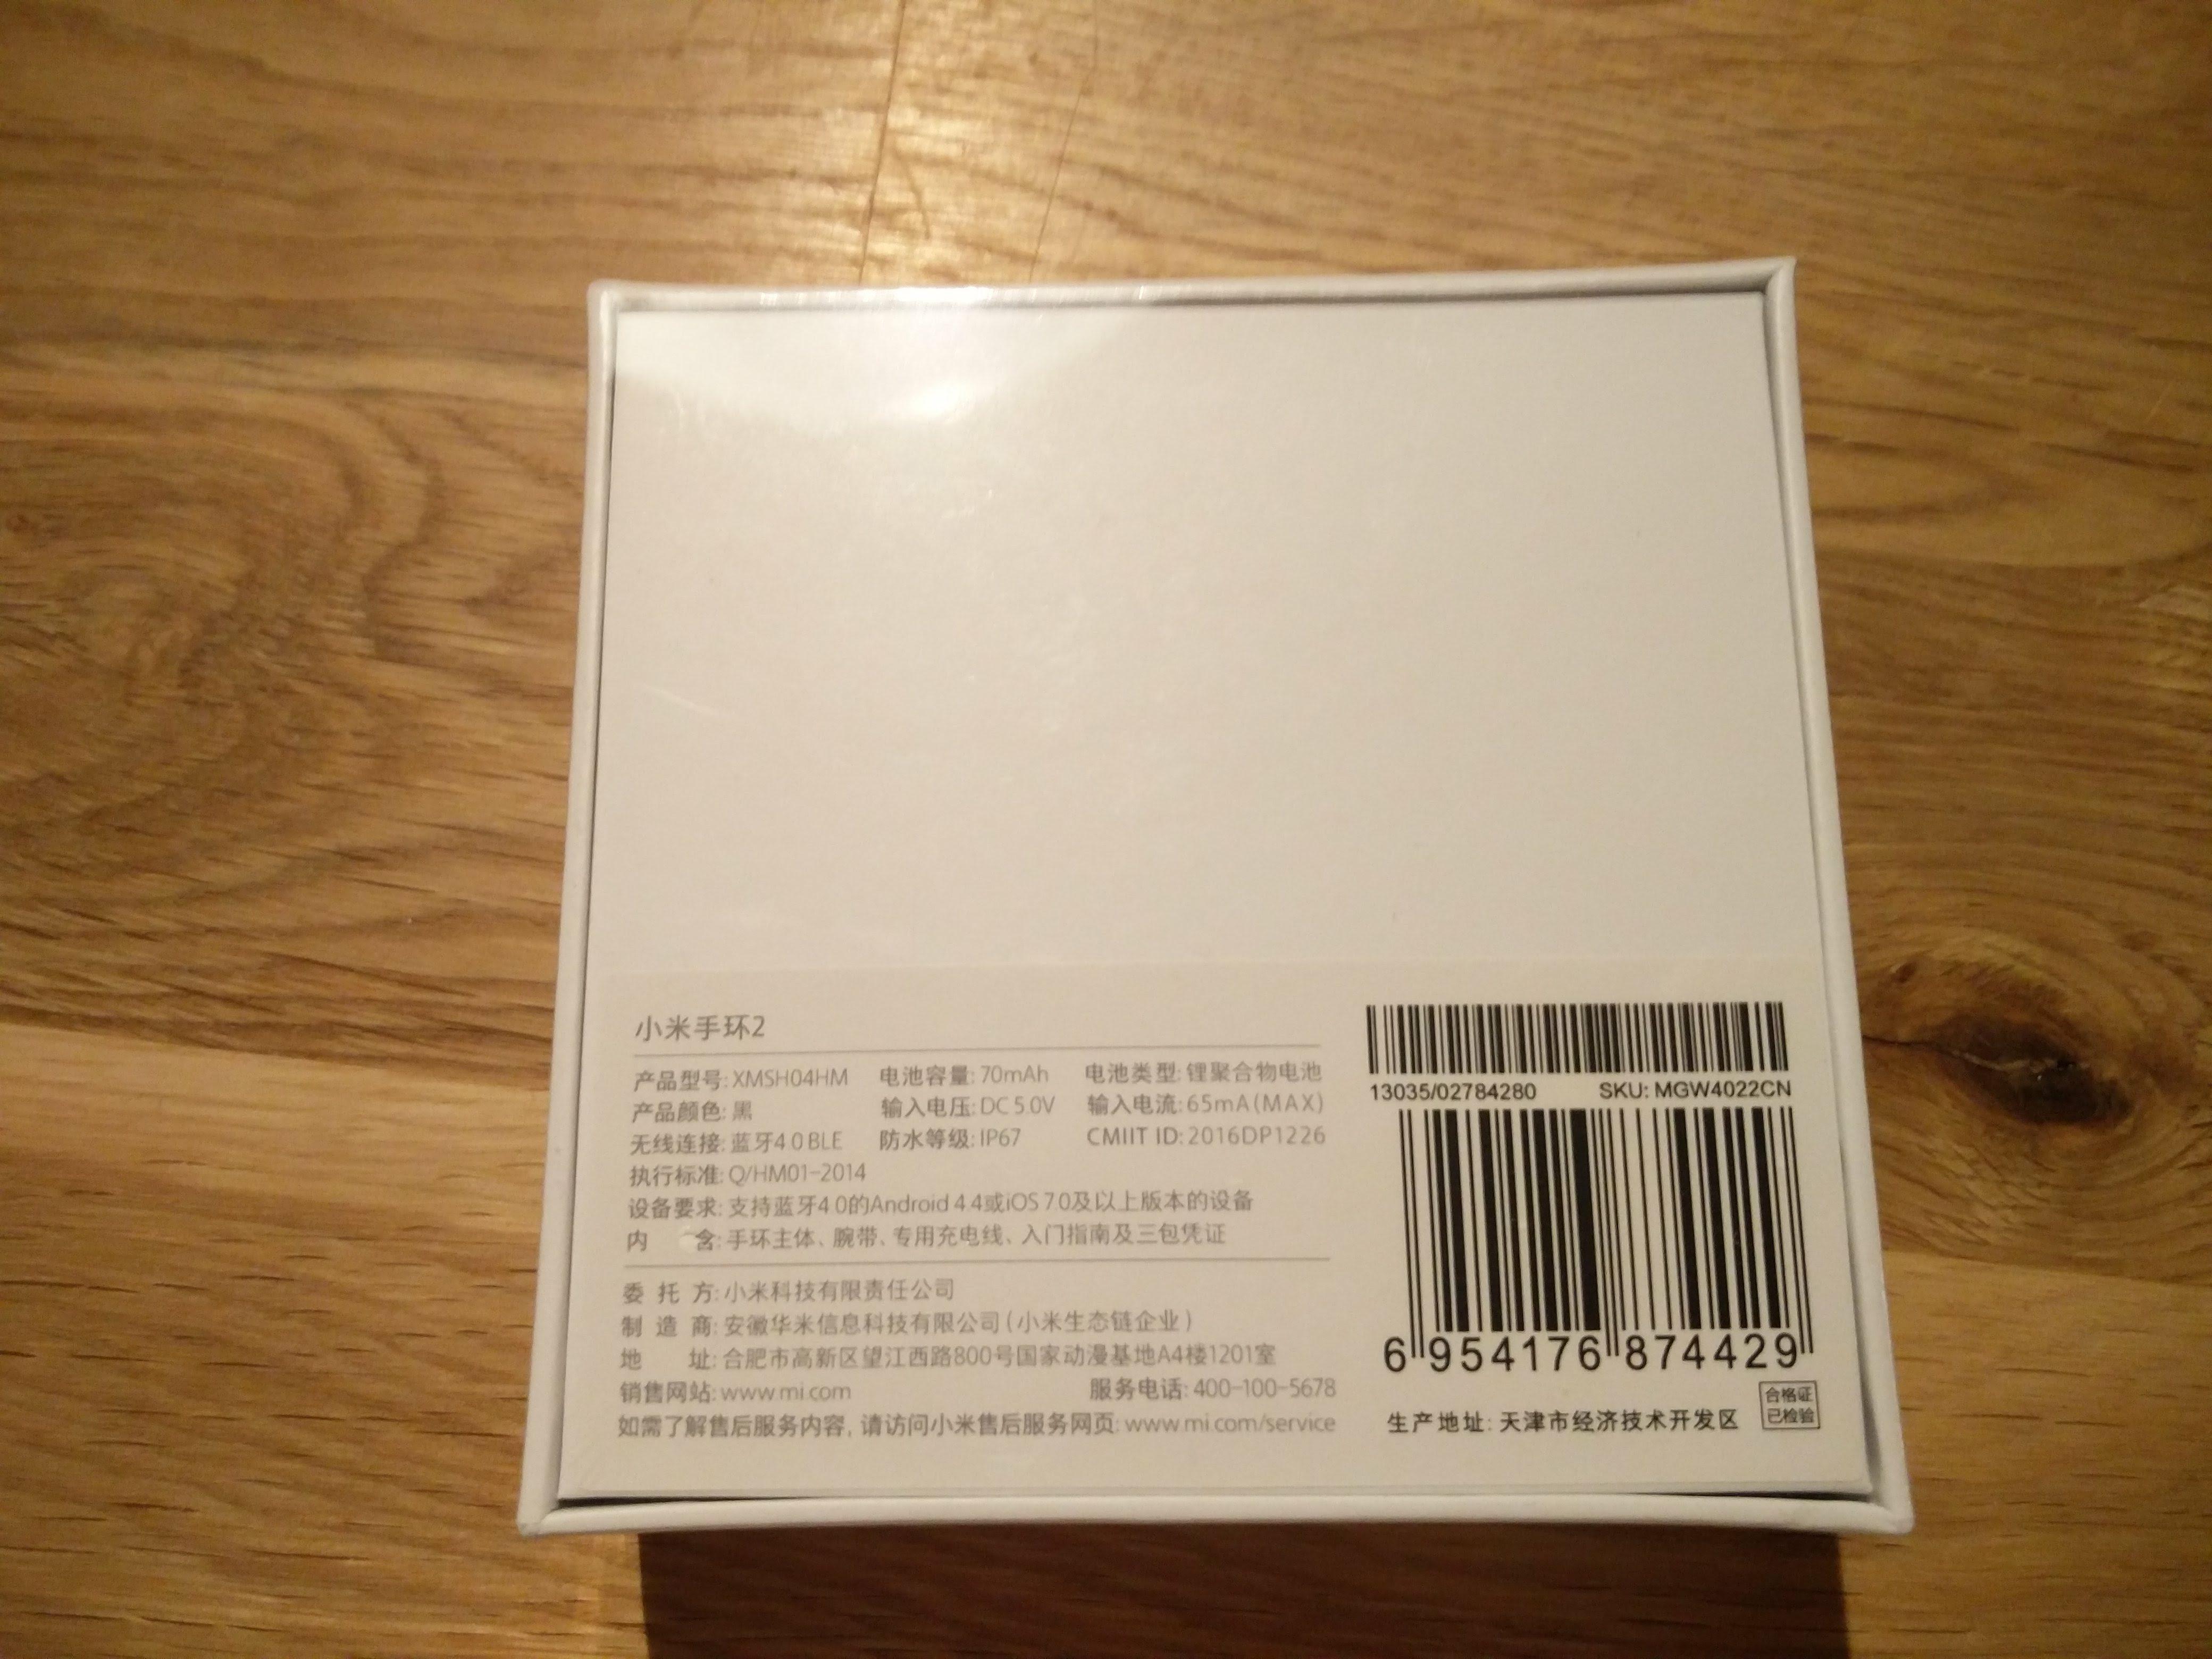 裏面。まあ、中国語でちょこちょこ書いてあるが、特に重要なことはないだろう。 一番やっかいだったのが、この箱の構造。ぴったり過ぎて、出すのが大変だったじぇ